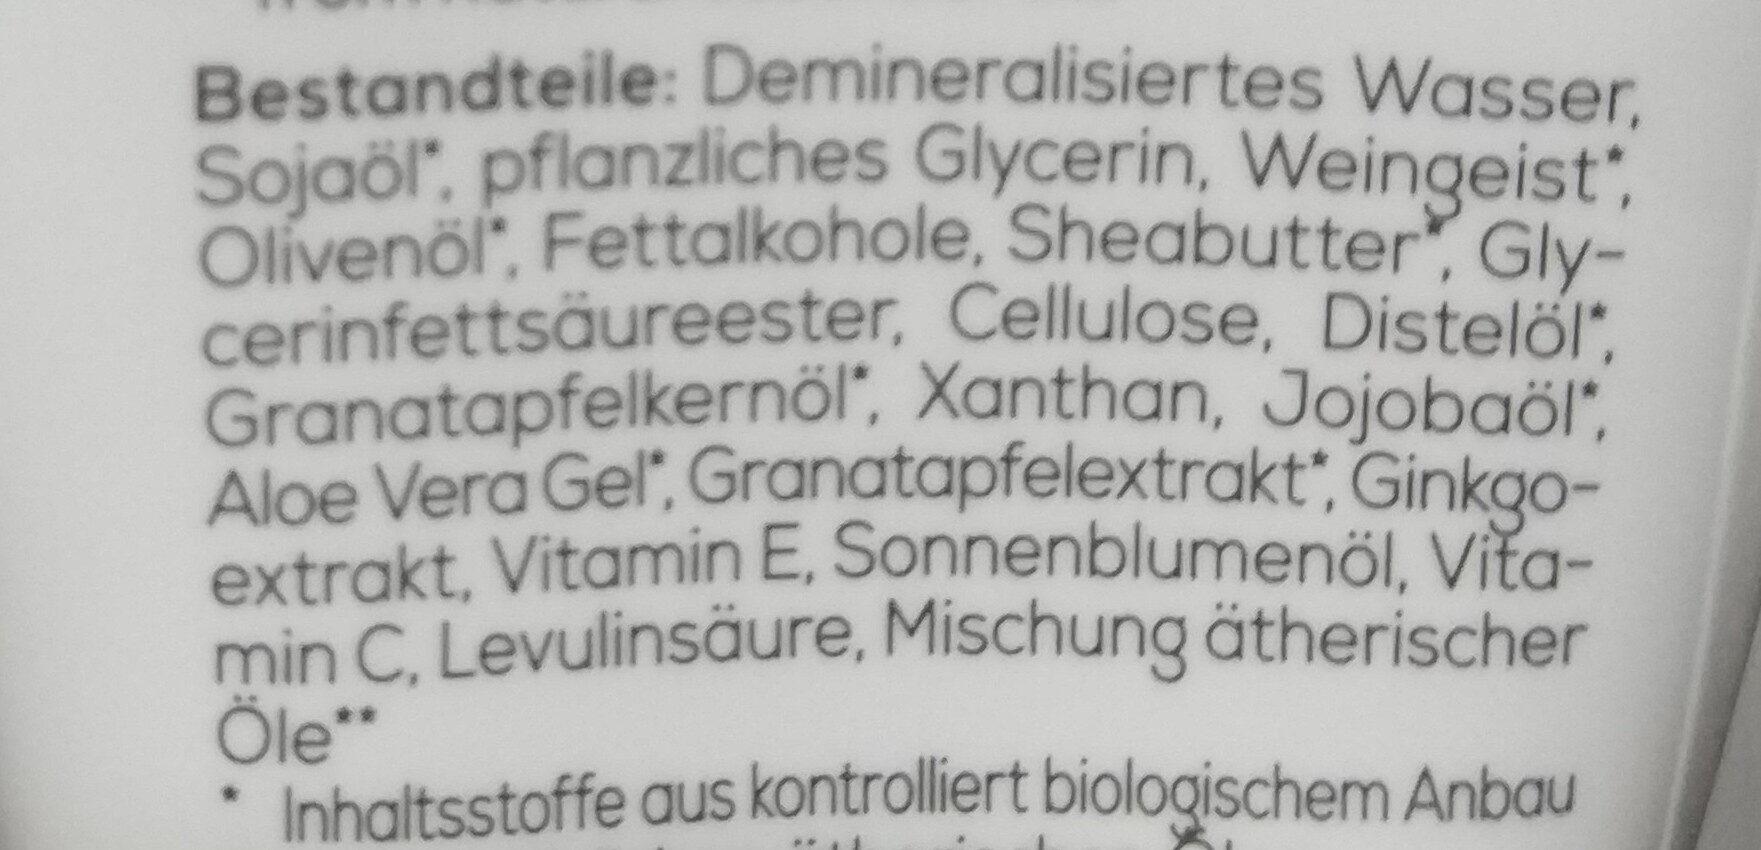 Reichhaltige Handcreme mit Granatapfel & Sheabutter - Ingredients - de